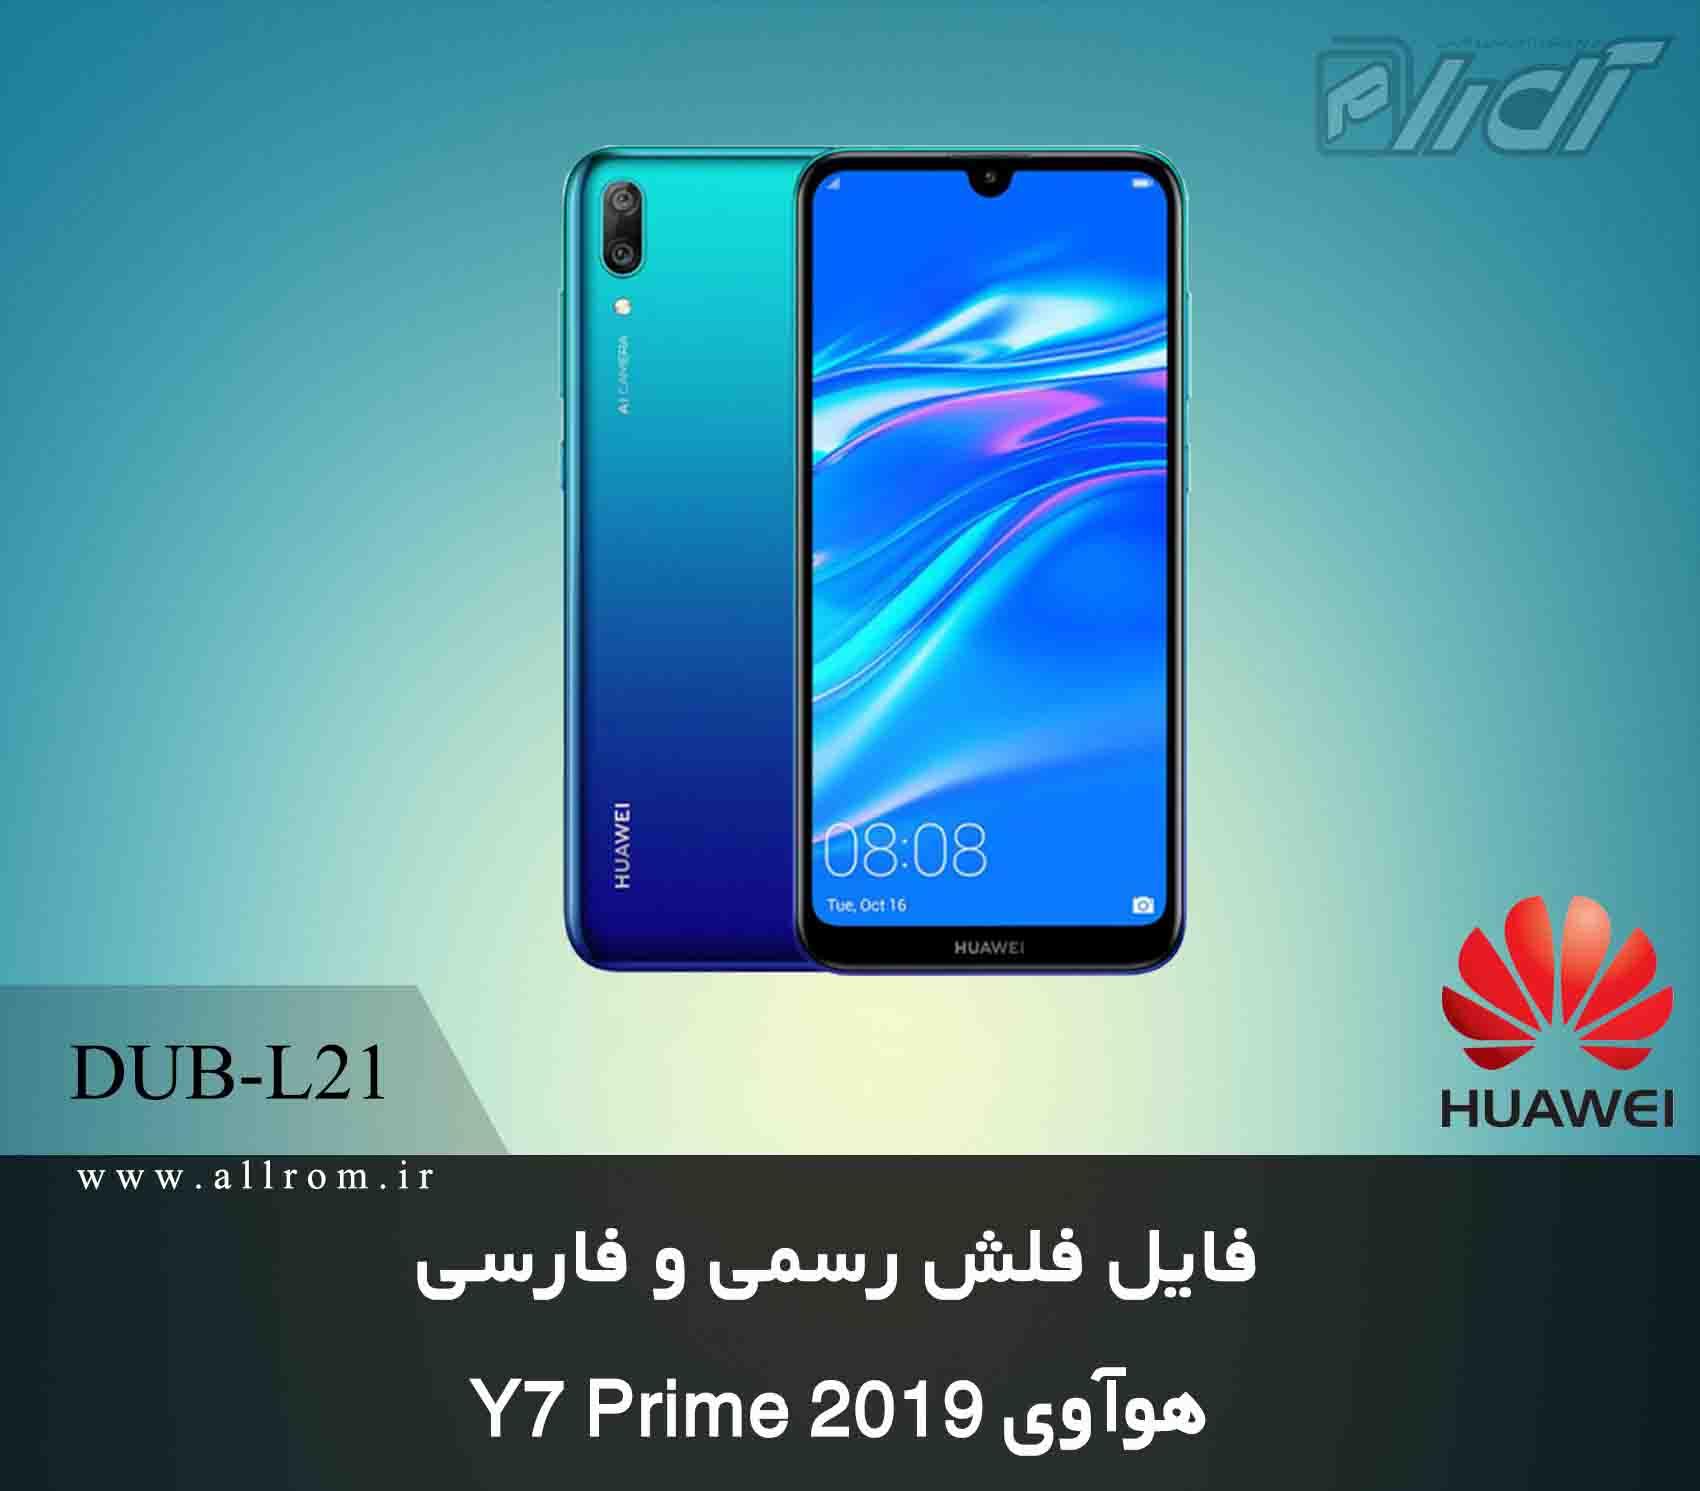 دانلود رام Huawei Y7 Prime 2019 DUB-L21